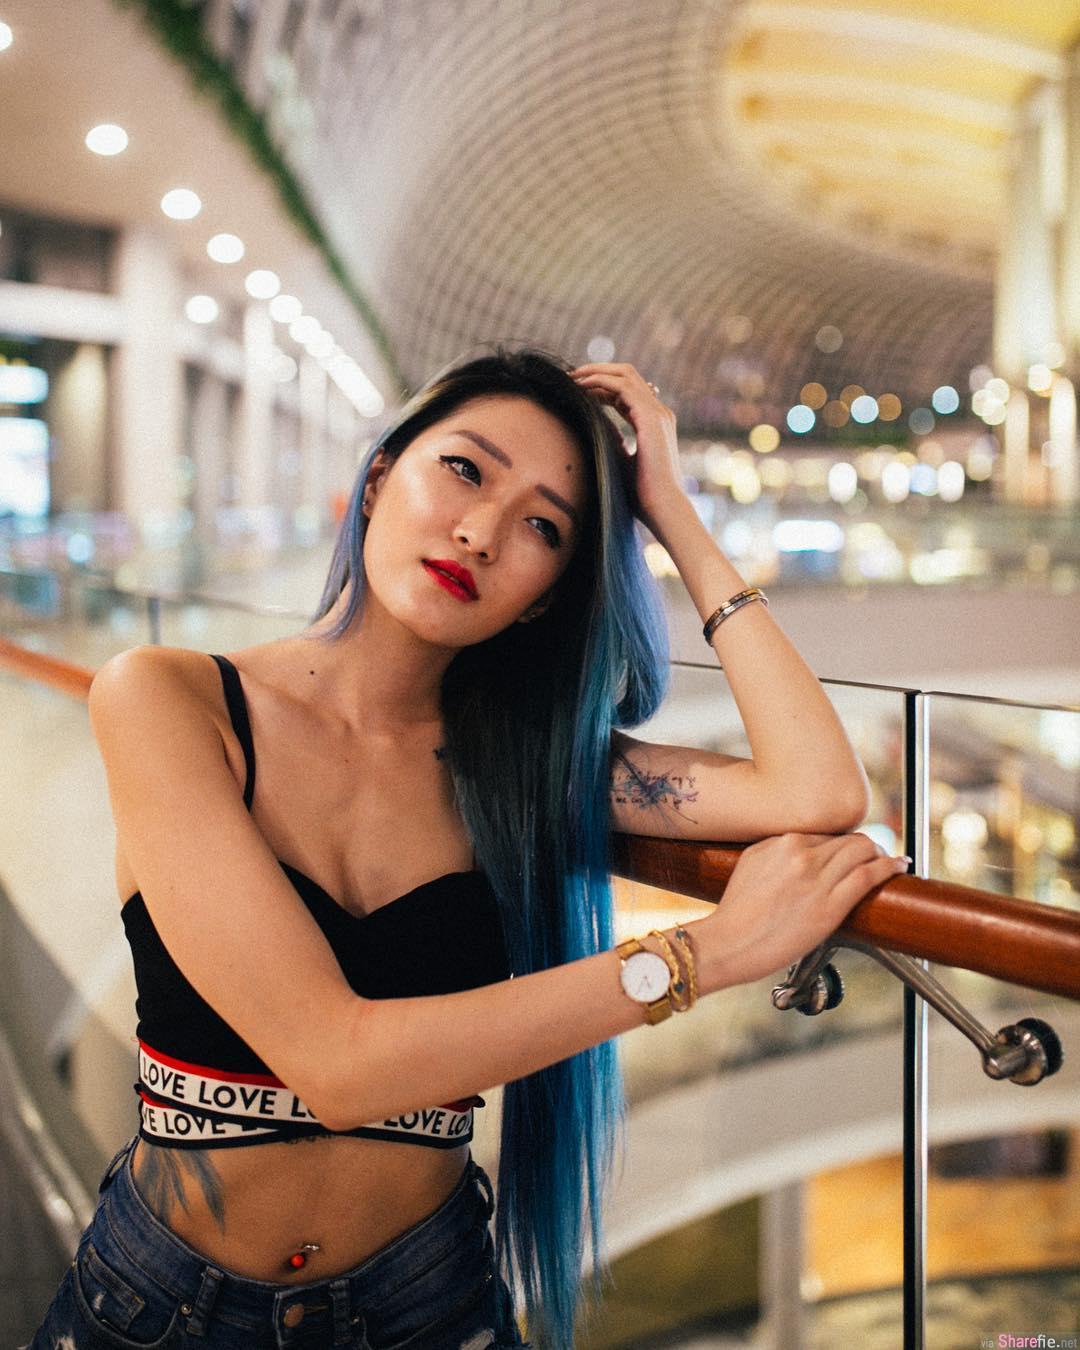 又有性爱片流出!新加坡长腿嫩模9分钟顶楼打野战影片外流